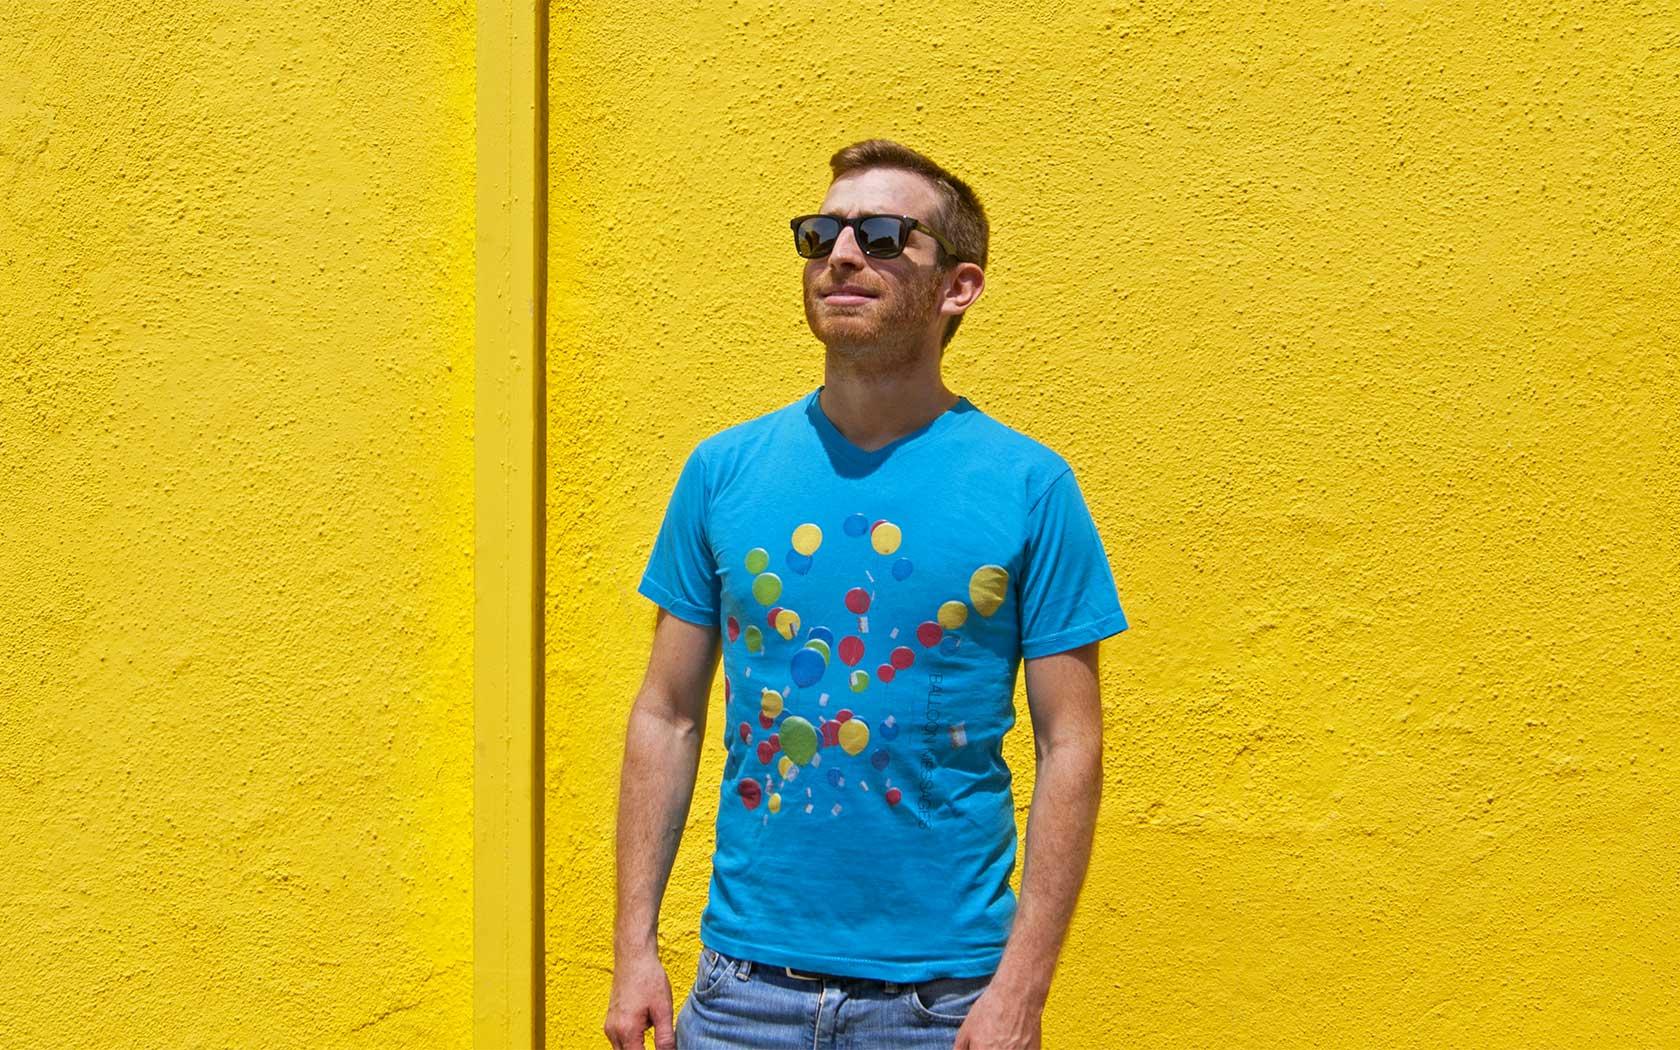 Art-Shirt Collection – opera Balloon Messages